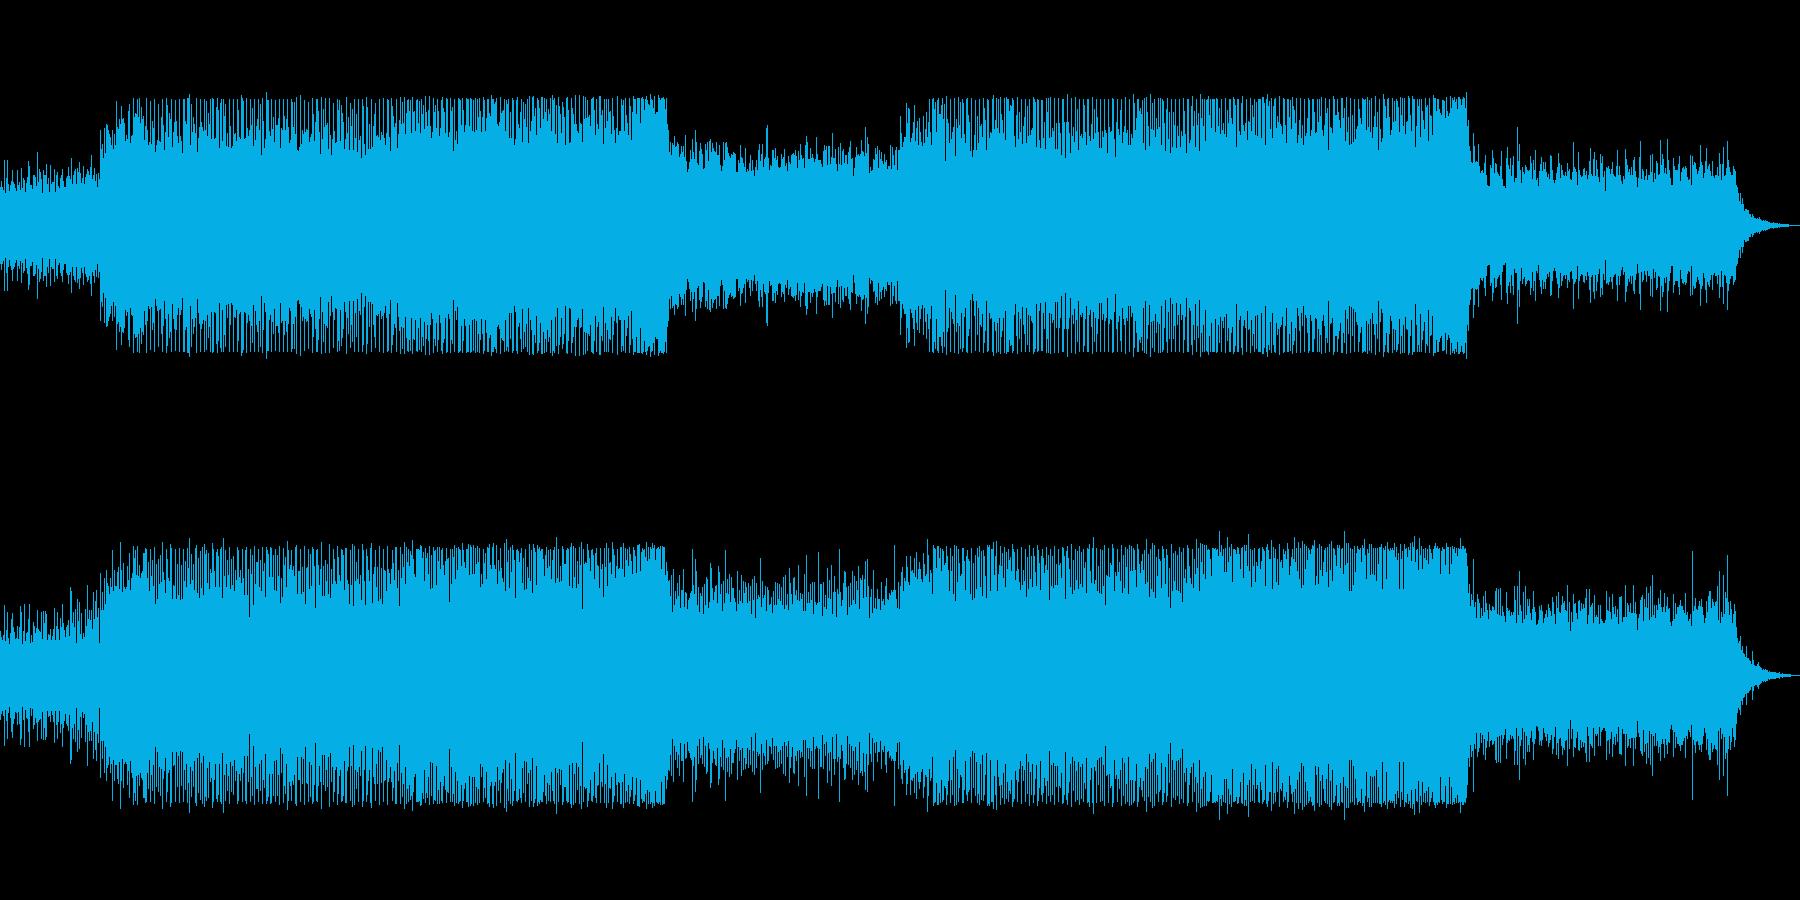 bpm133シンプルで地味なテクノの再生済みの波形